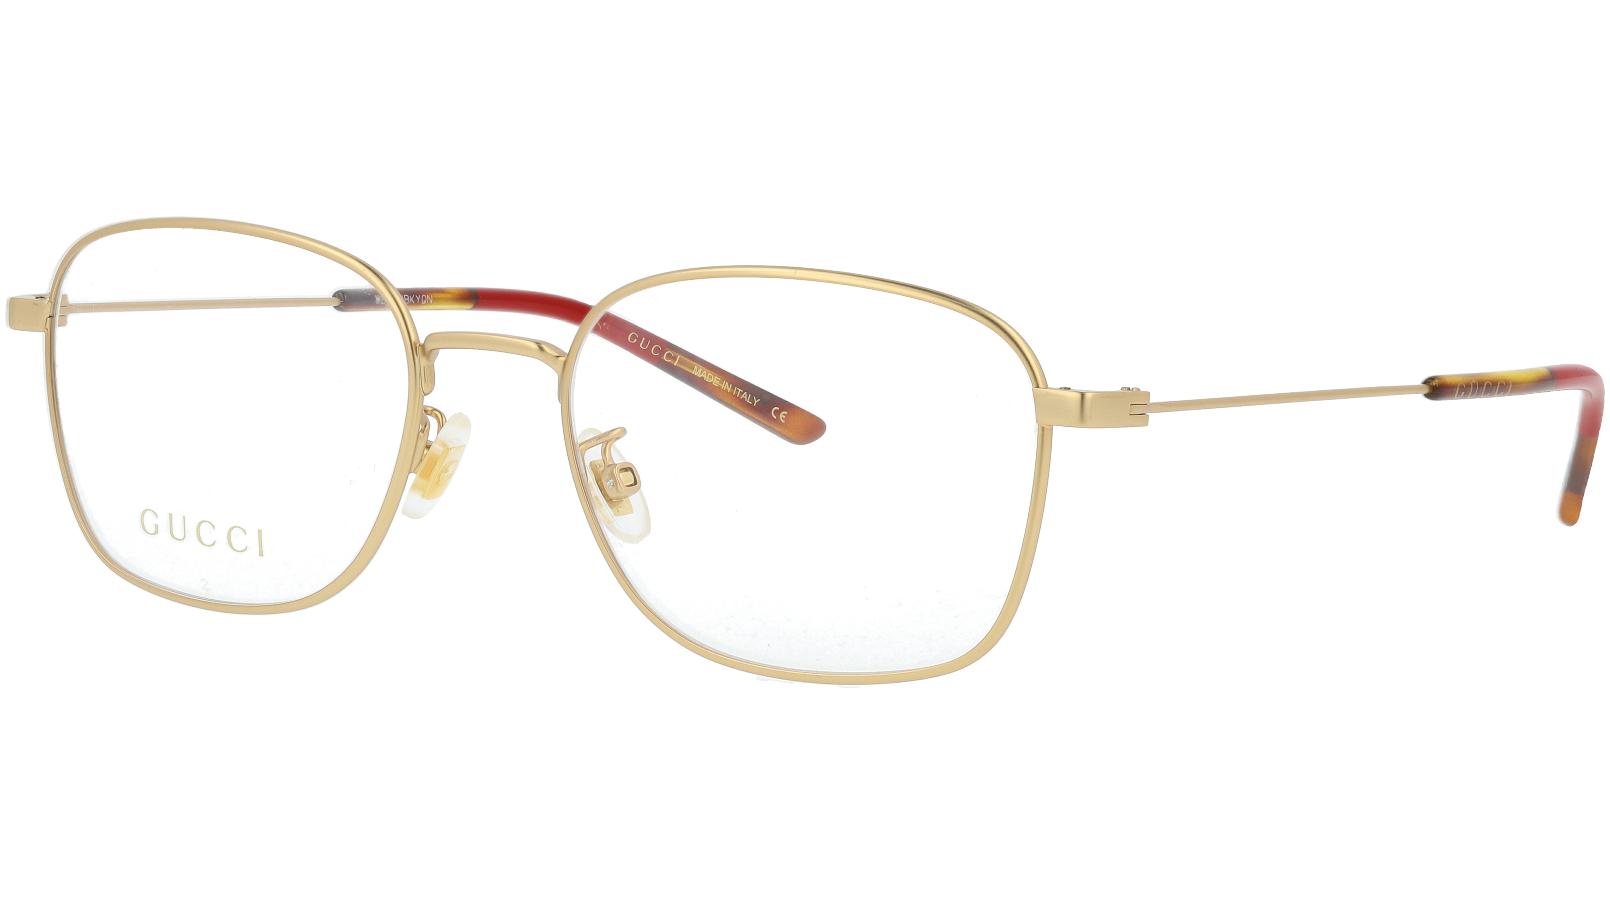 Gucci GG0685OA 003 53 Gold Glasses